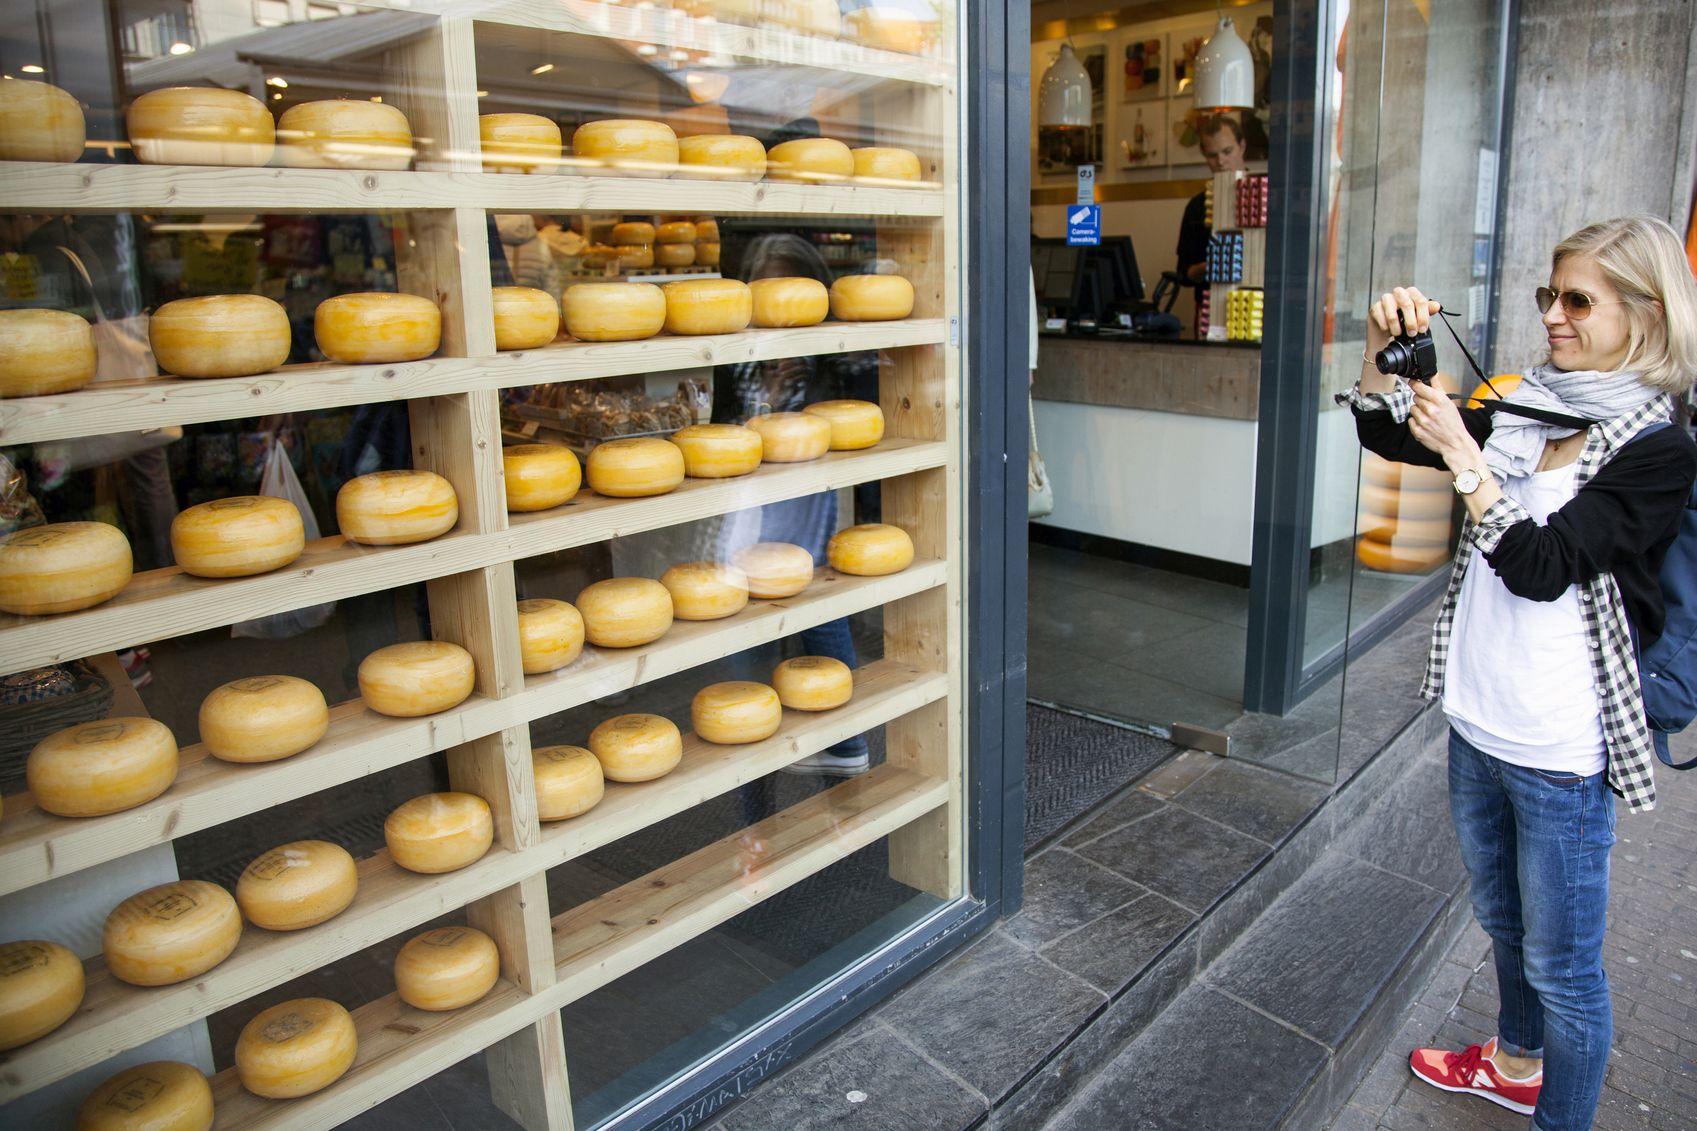 Le citt migliori d europa per gli amanti della buona cucina for Amsterdam migliori ristoranti